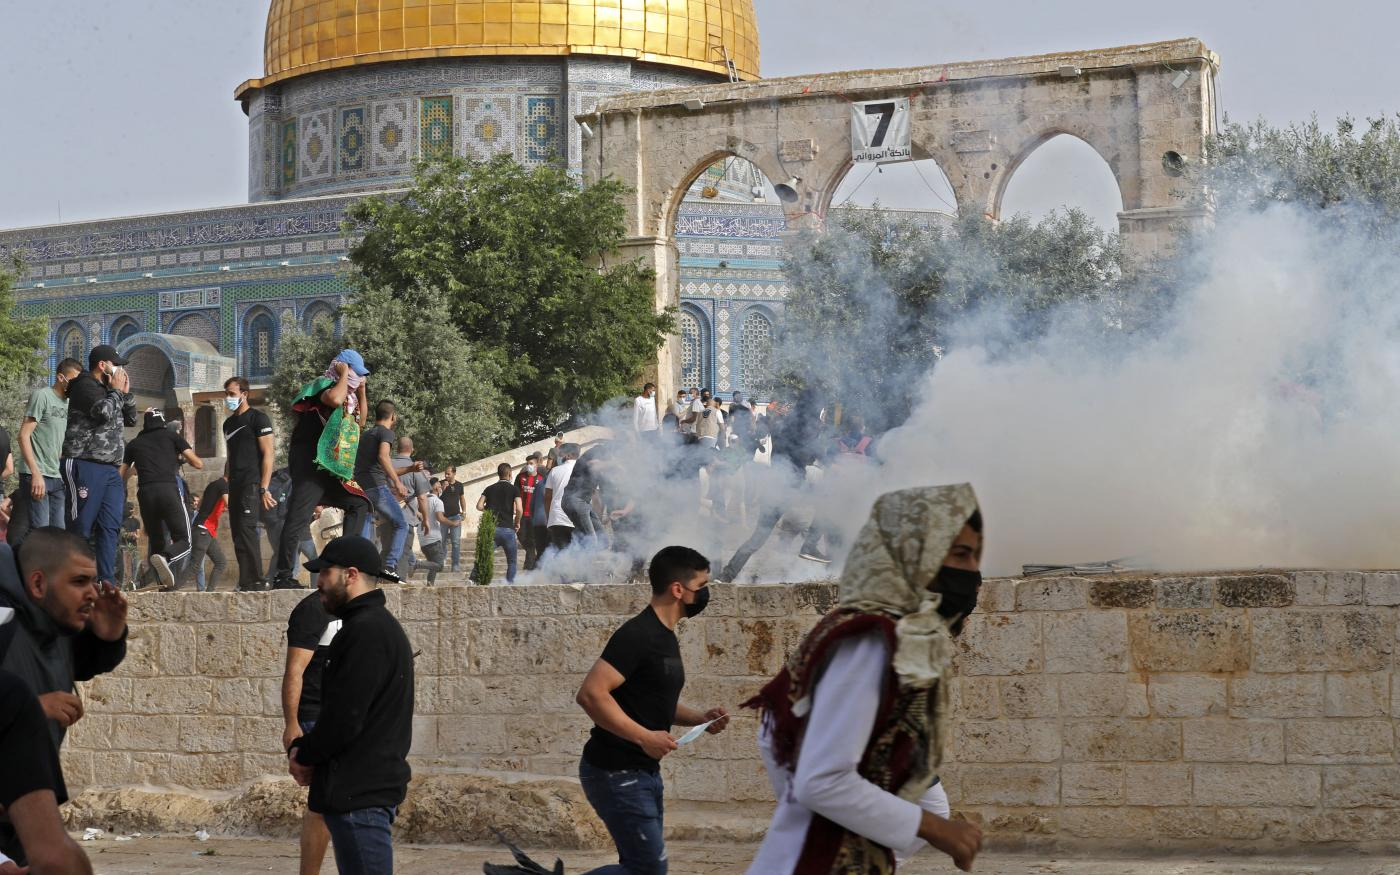 Des Palestiniens courent se mettre à l'abri après des tirs de gaz lacrymogènes dans le complexe de la mosquée al-Aqsa par la police israélienne, le 10mai2021 (AFP/Ahmed Gharabli)